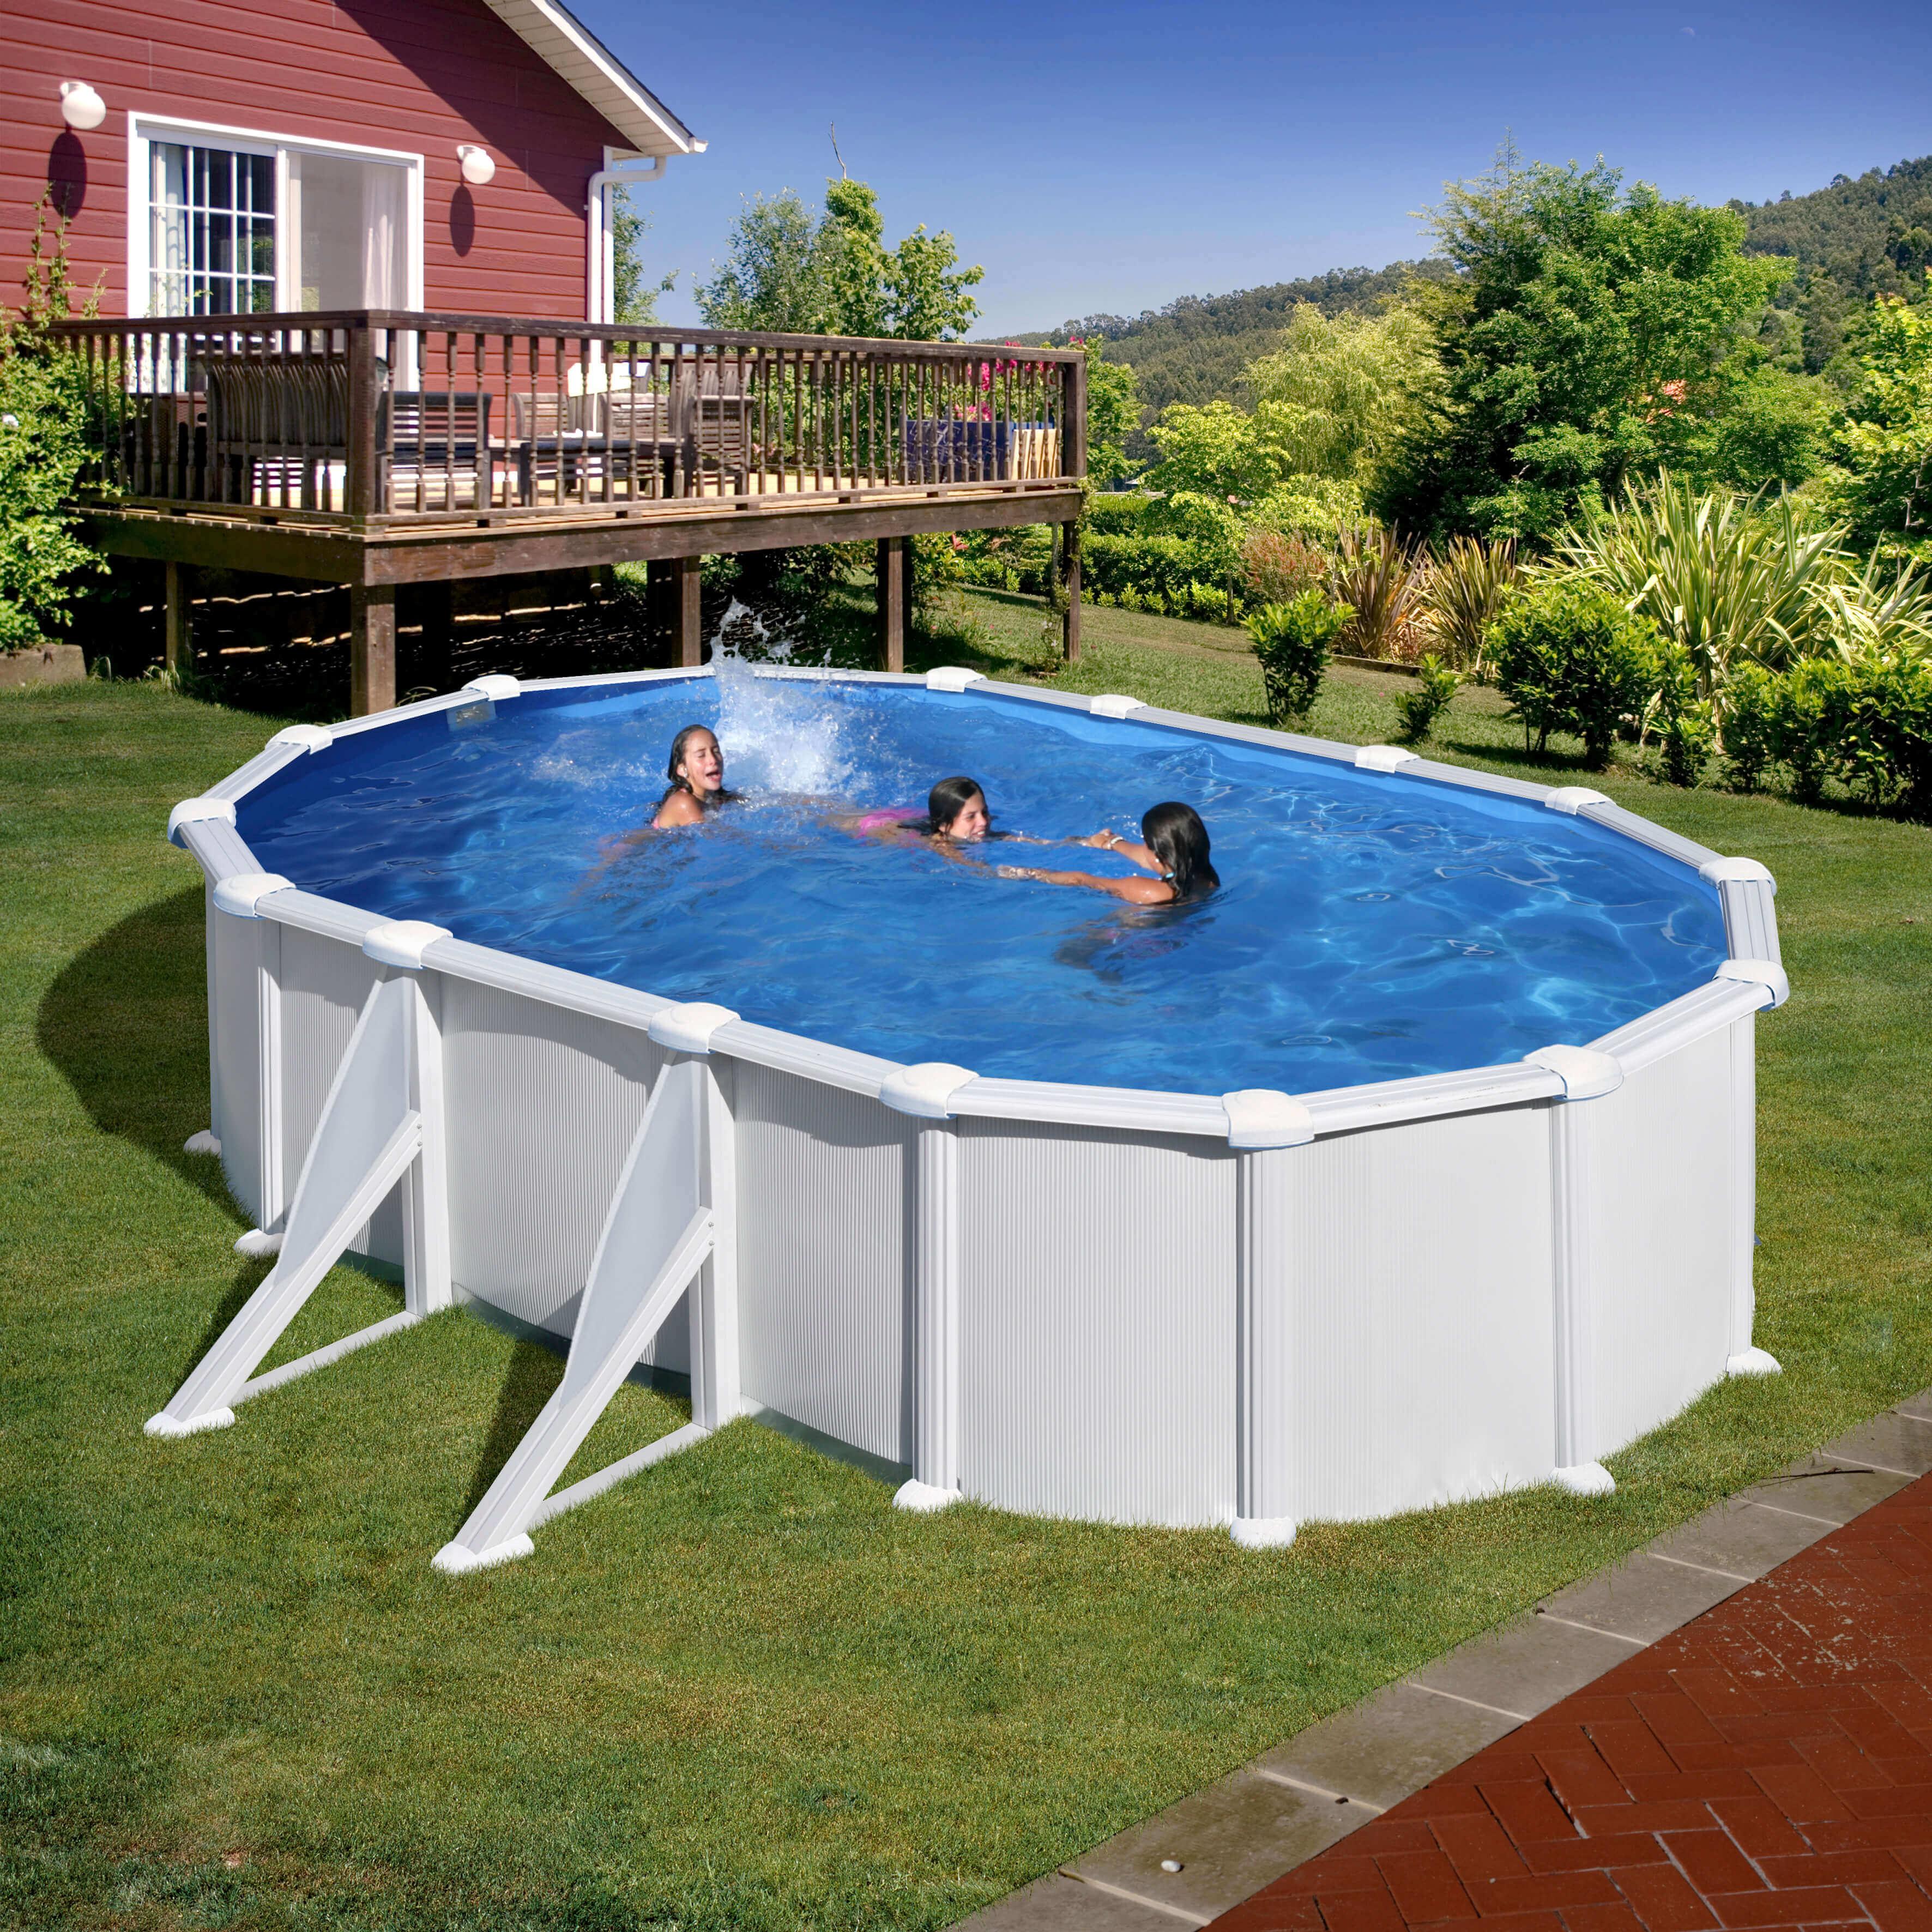 Comment Monter Une Piscine Hors Sol piscine hors-sol atlantis ovale 525 x 325 h 132 cm - filtre à sable